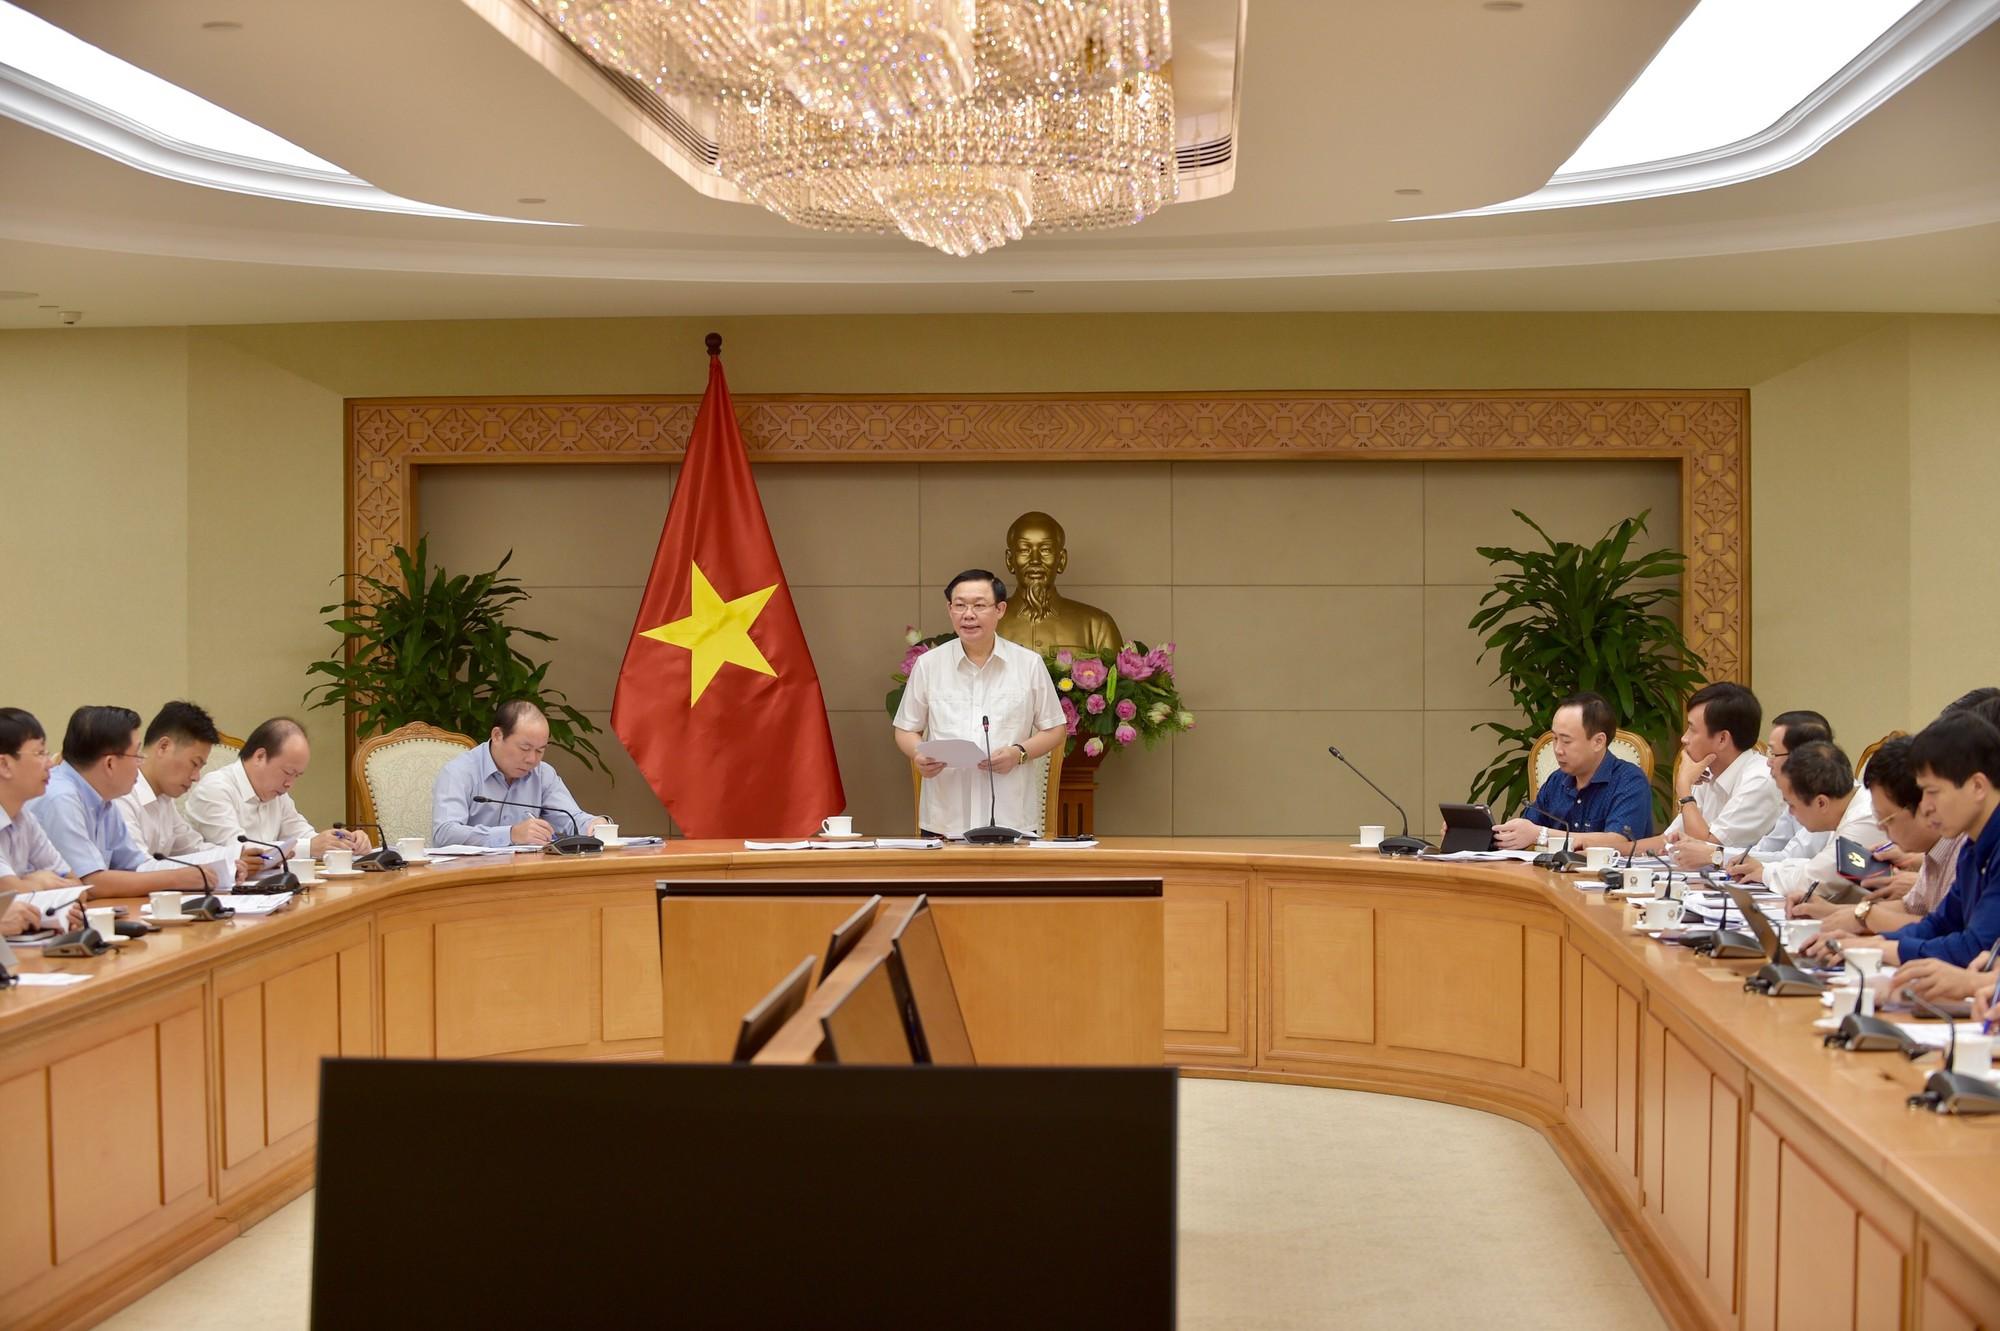 Phó Thủ tướng Vương Đình Huệ gợi ý Bộ KH&ĐT phối hợp cùng Liên minh HTX Việt Nam tiến hành xây dựng cuốn Sách trắng về Hợp tác xã - Ảnh 2.